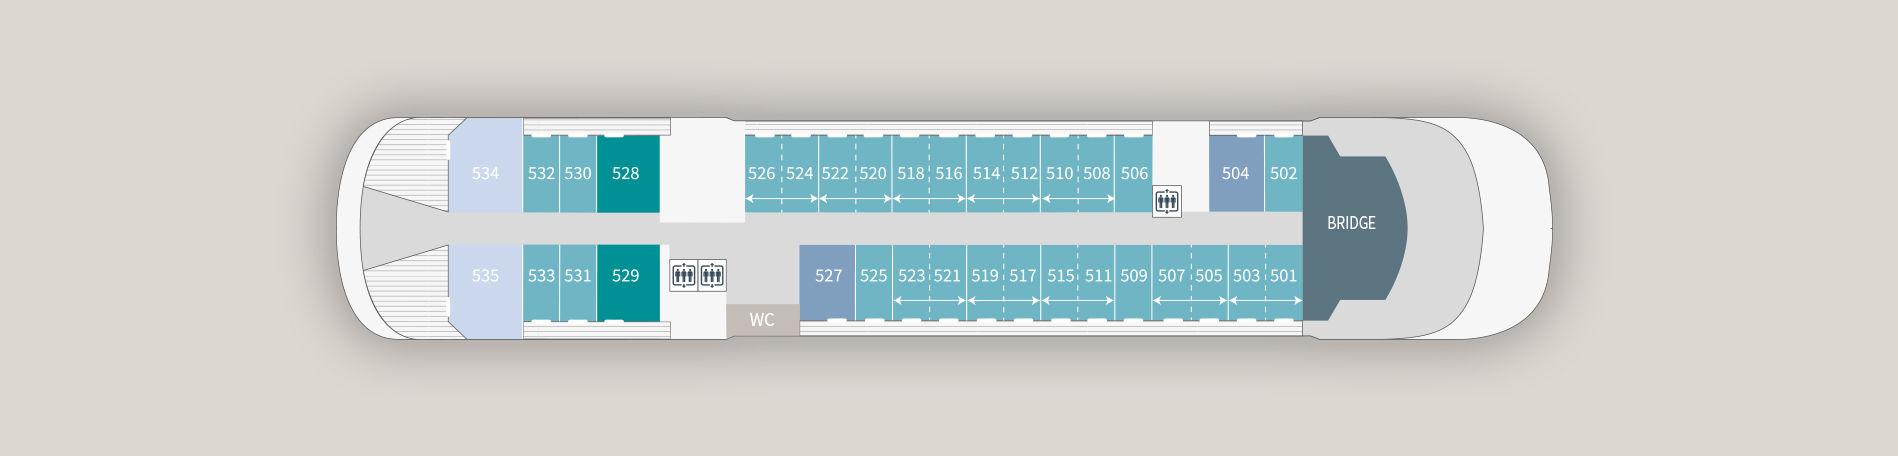 Le Laperouse - Deck 05